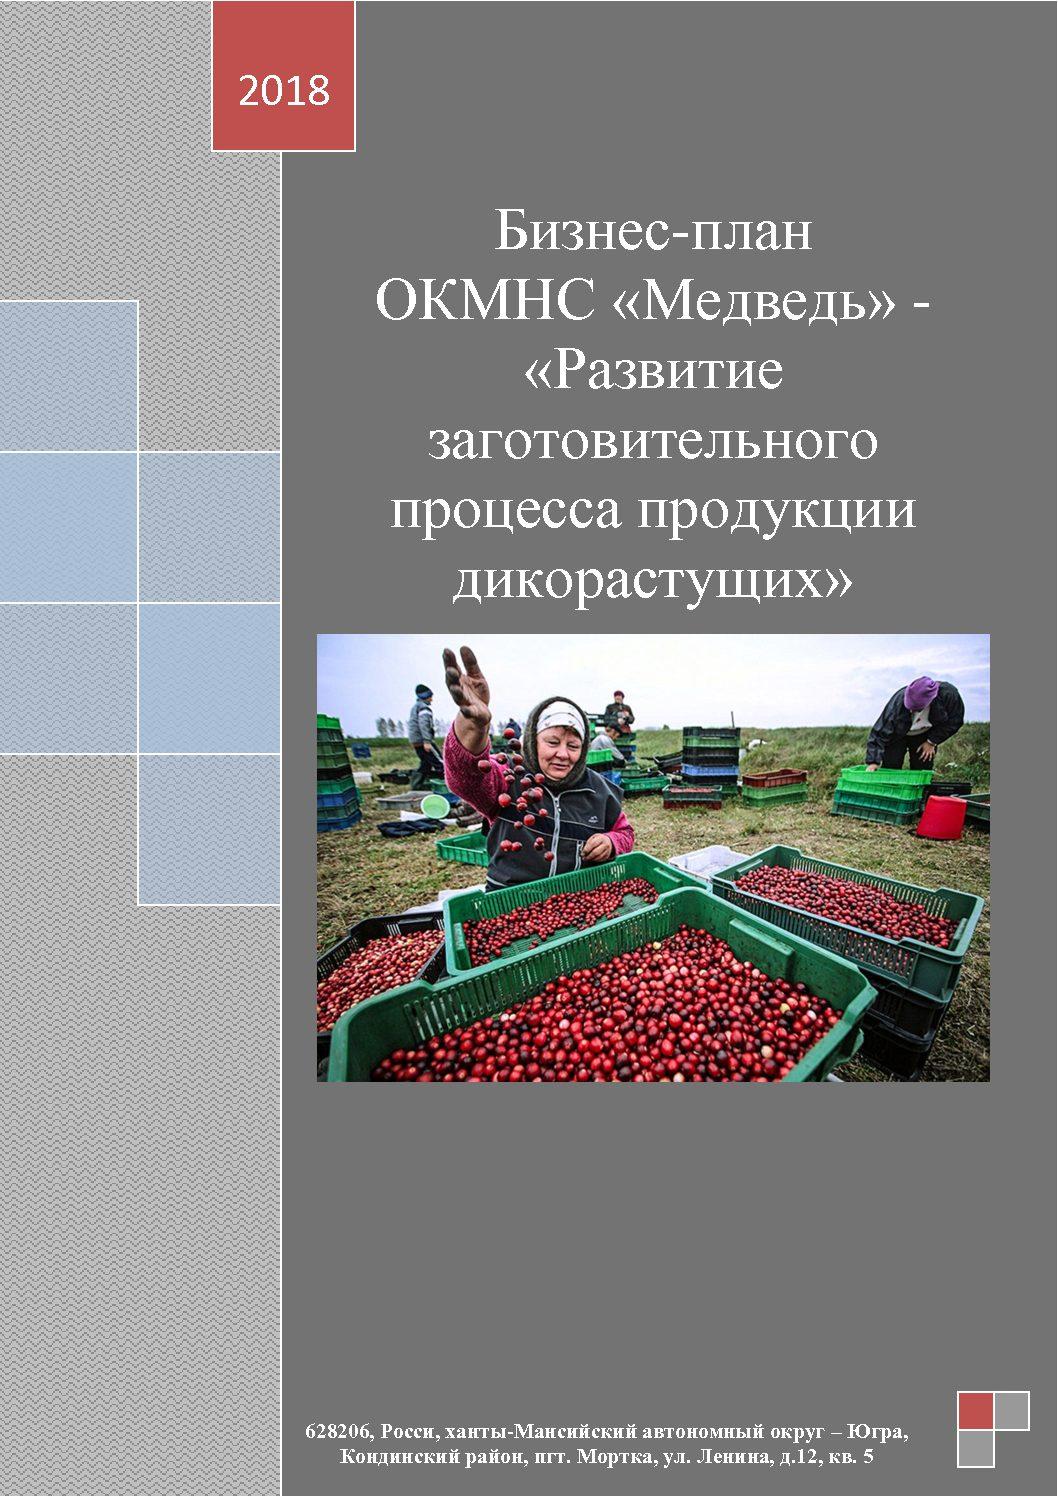 7 ноября в г. Ханты-Мансийске состоялся окружной конкурс по предоставлению грантов